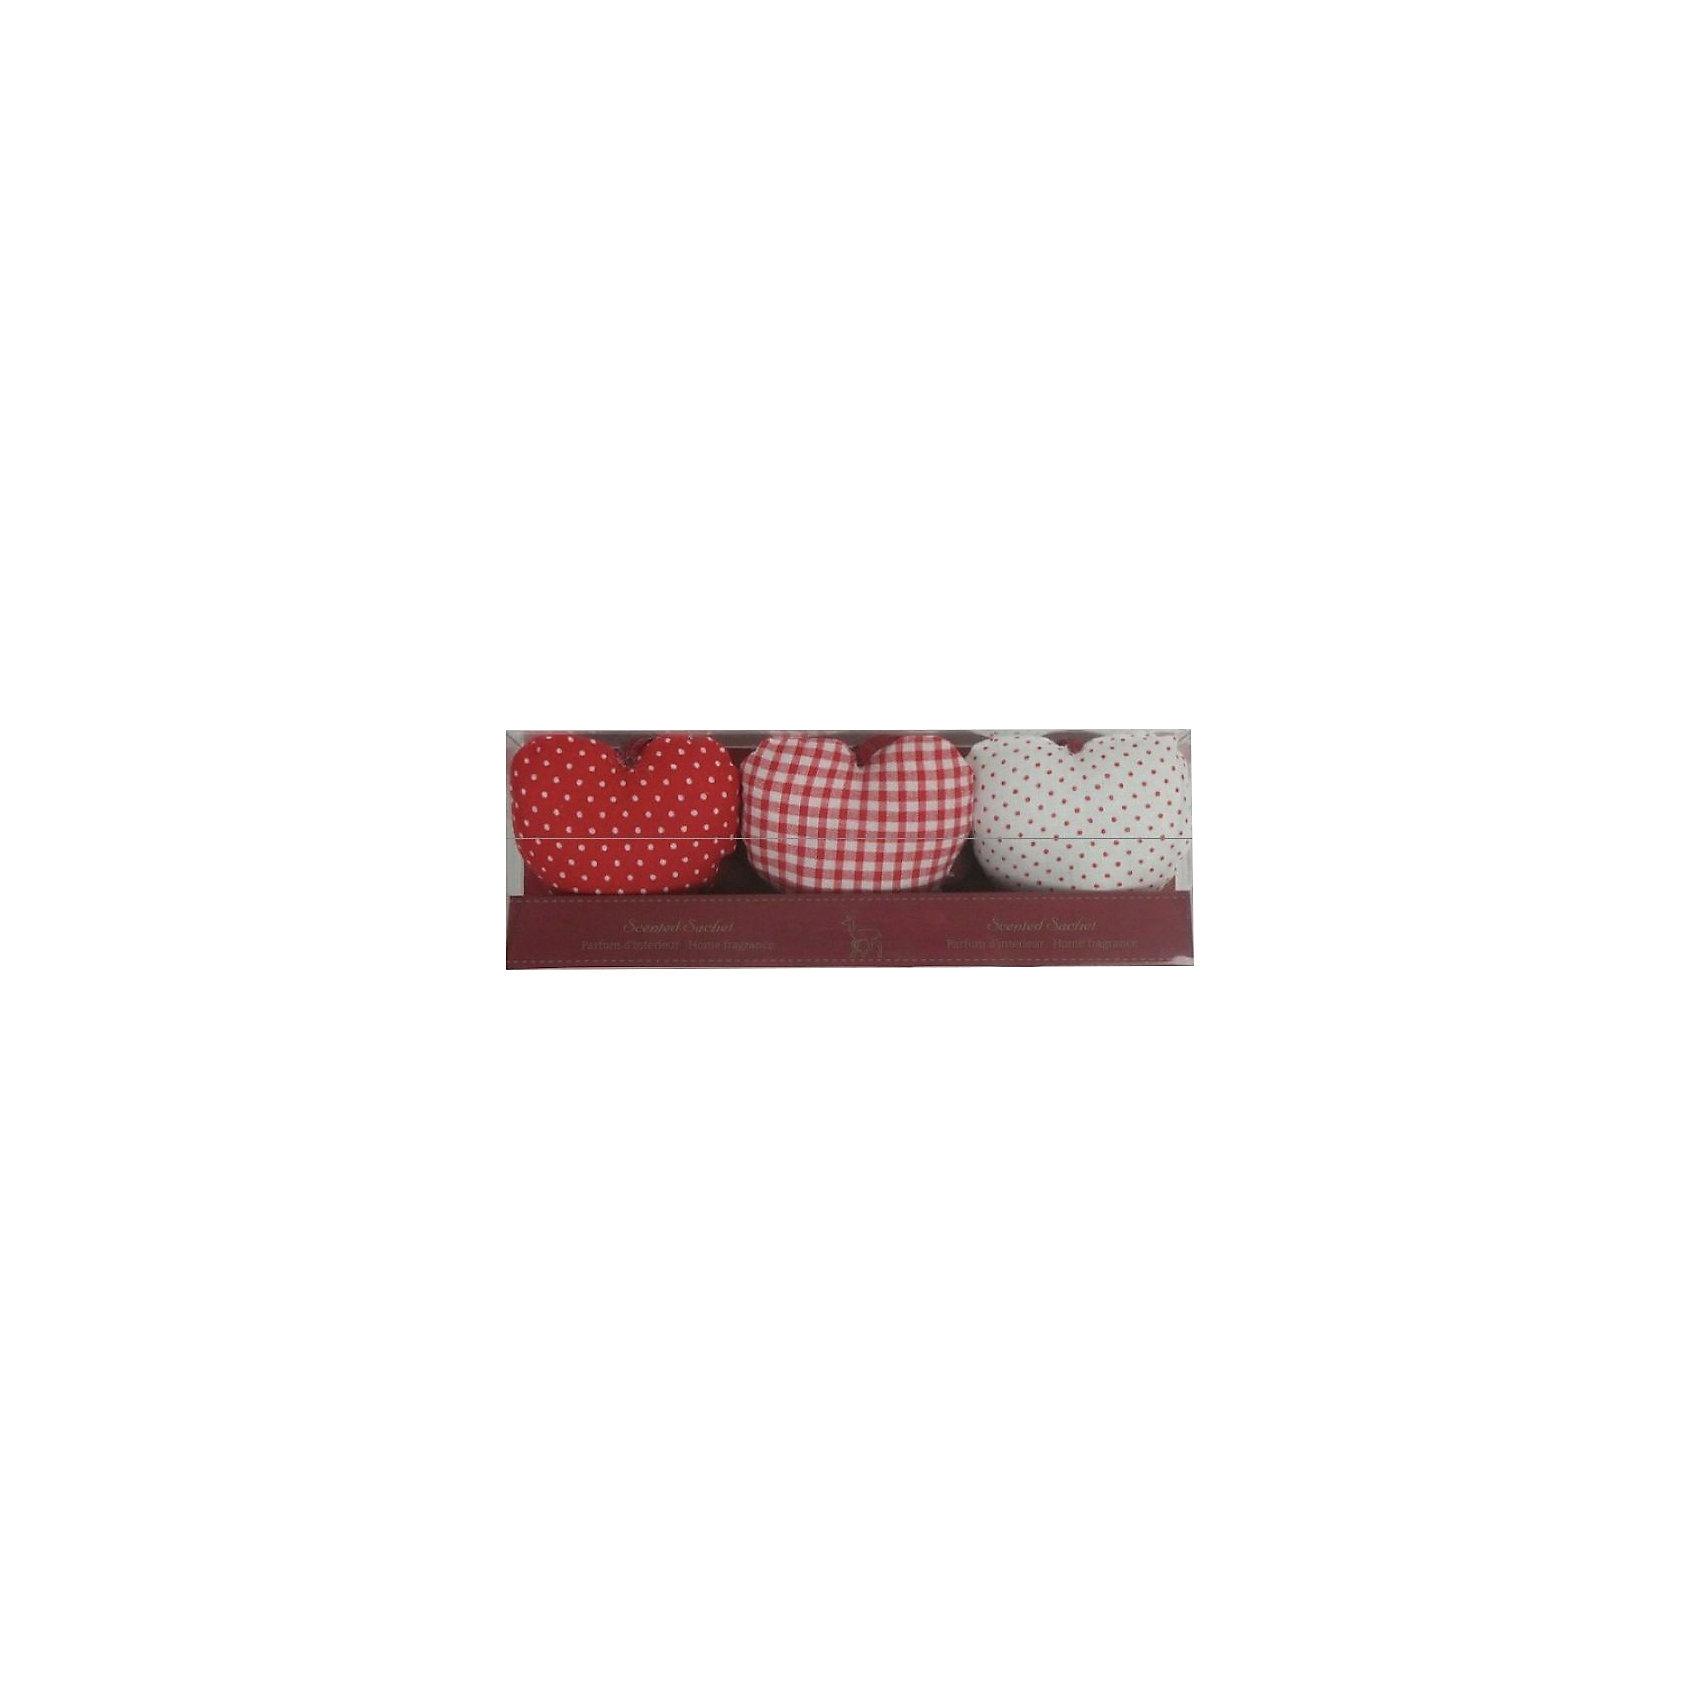 Набор подушечек-саше Сердце (аромат ванили)Набор подушечек-саше Сердце  станет прекрасным ароматным сувениром или же символическим подарком на любой праздник. <br><br>Дополнительная информация:<br><br>- Материал: синтетическое волокно, текстиль.<br>- Размер: 22,5х4,2х7,7 см.<br>- Объем бутылочки с маслом: 2 мл. <br>- Комплектация: три подушечки в форме сердца.<br>- Аромат ванили.<br><br>Набор подушечек-саше Сердце (аромат ванили) можно купить в нашем магазине.<br><br>Ширина мм: 220<br>Глубина мм: 40<br>Высота мм: 70<br>Вес г: 132<br>Возраст от месяцев: 36<br>Возраст до месяцев: 2147483647<br>Пол: Женский<br>Возраст: Детский<br>SKU: 4087279